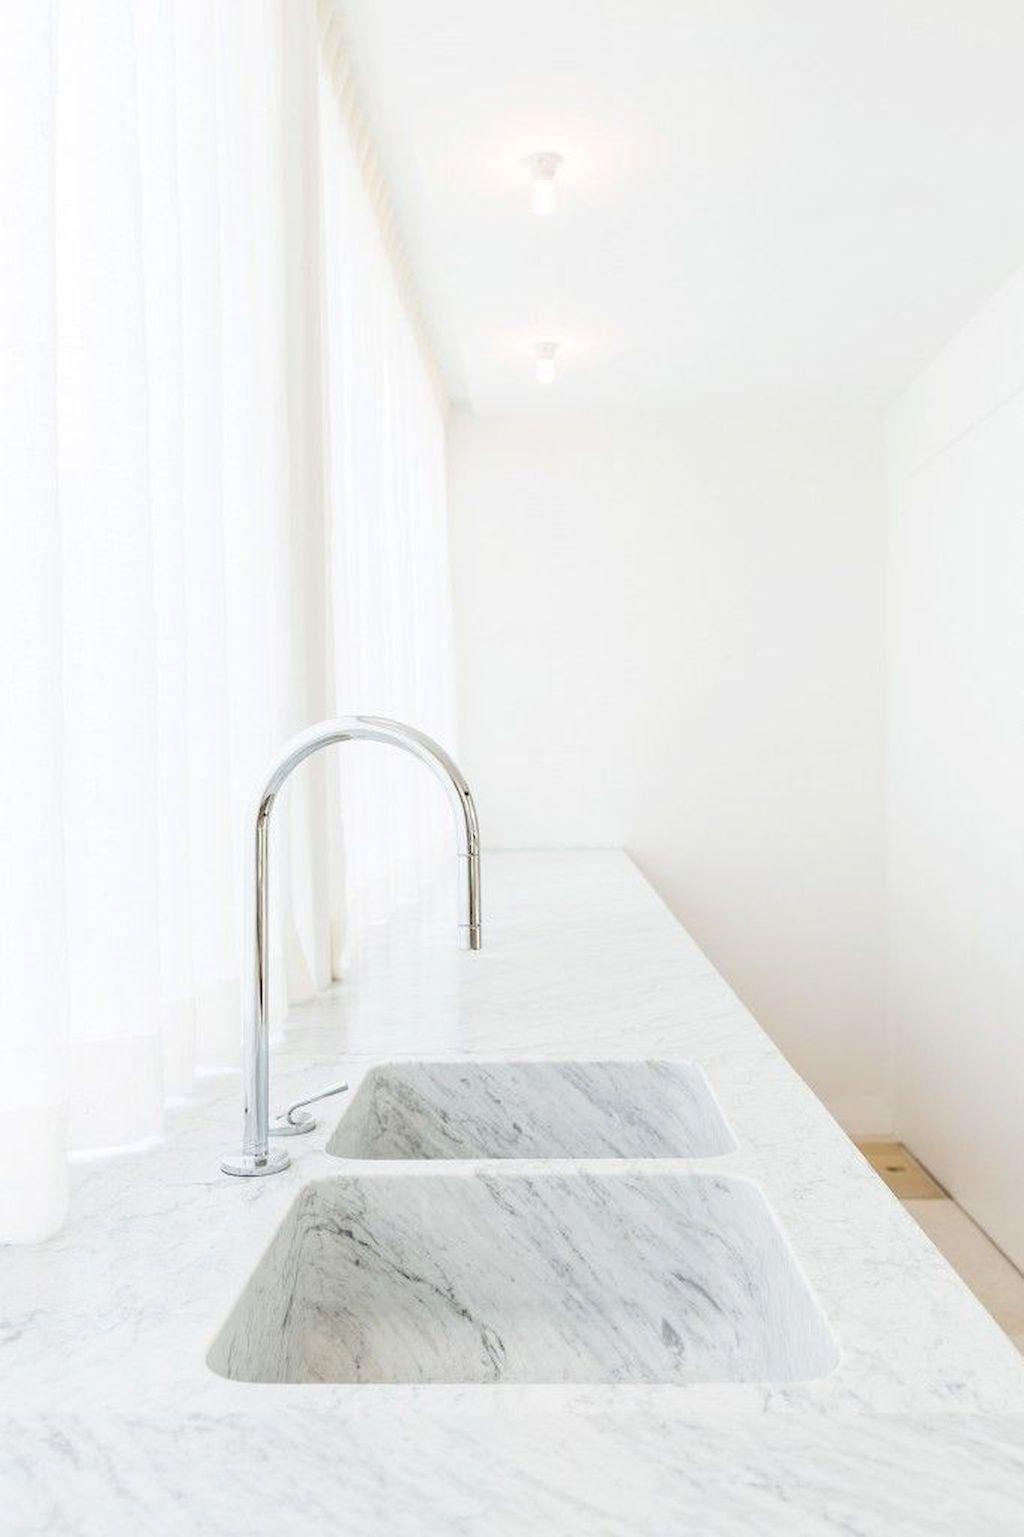 Kitchen Sink026